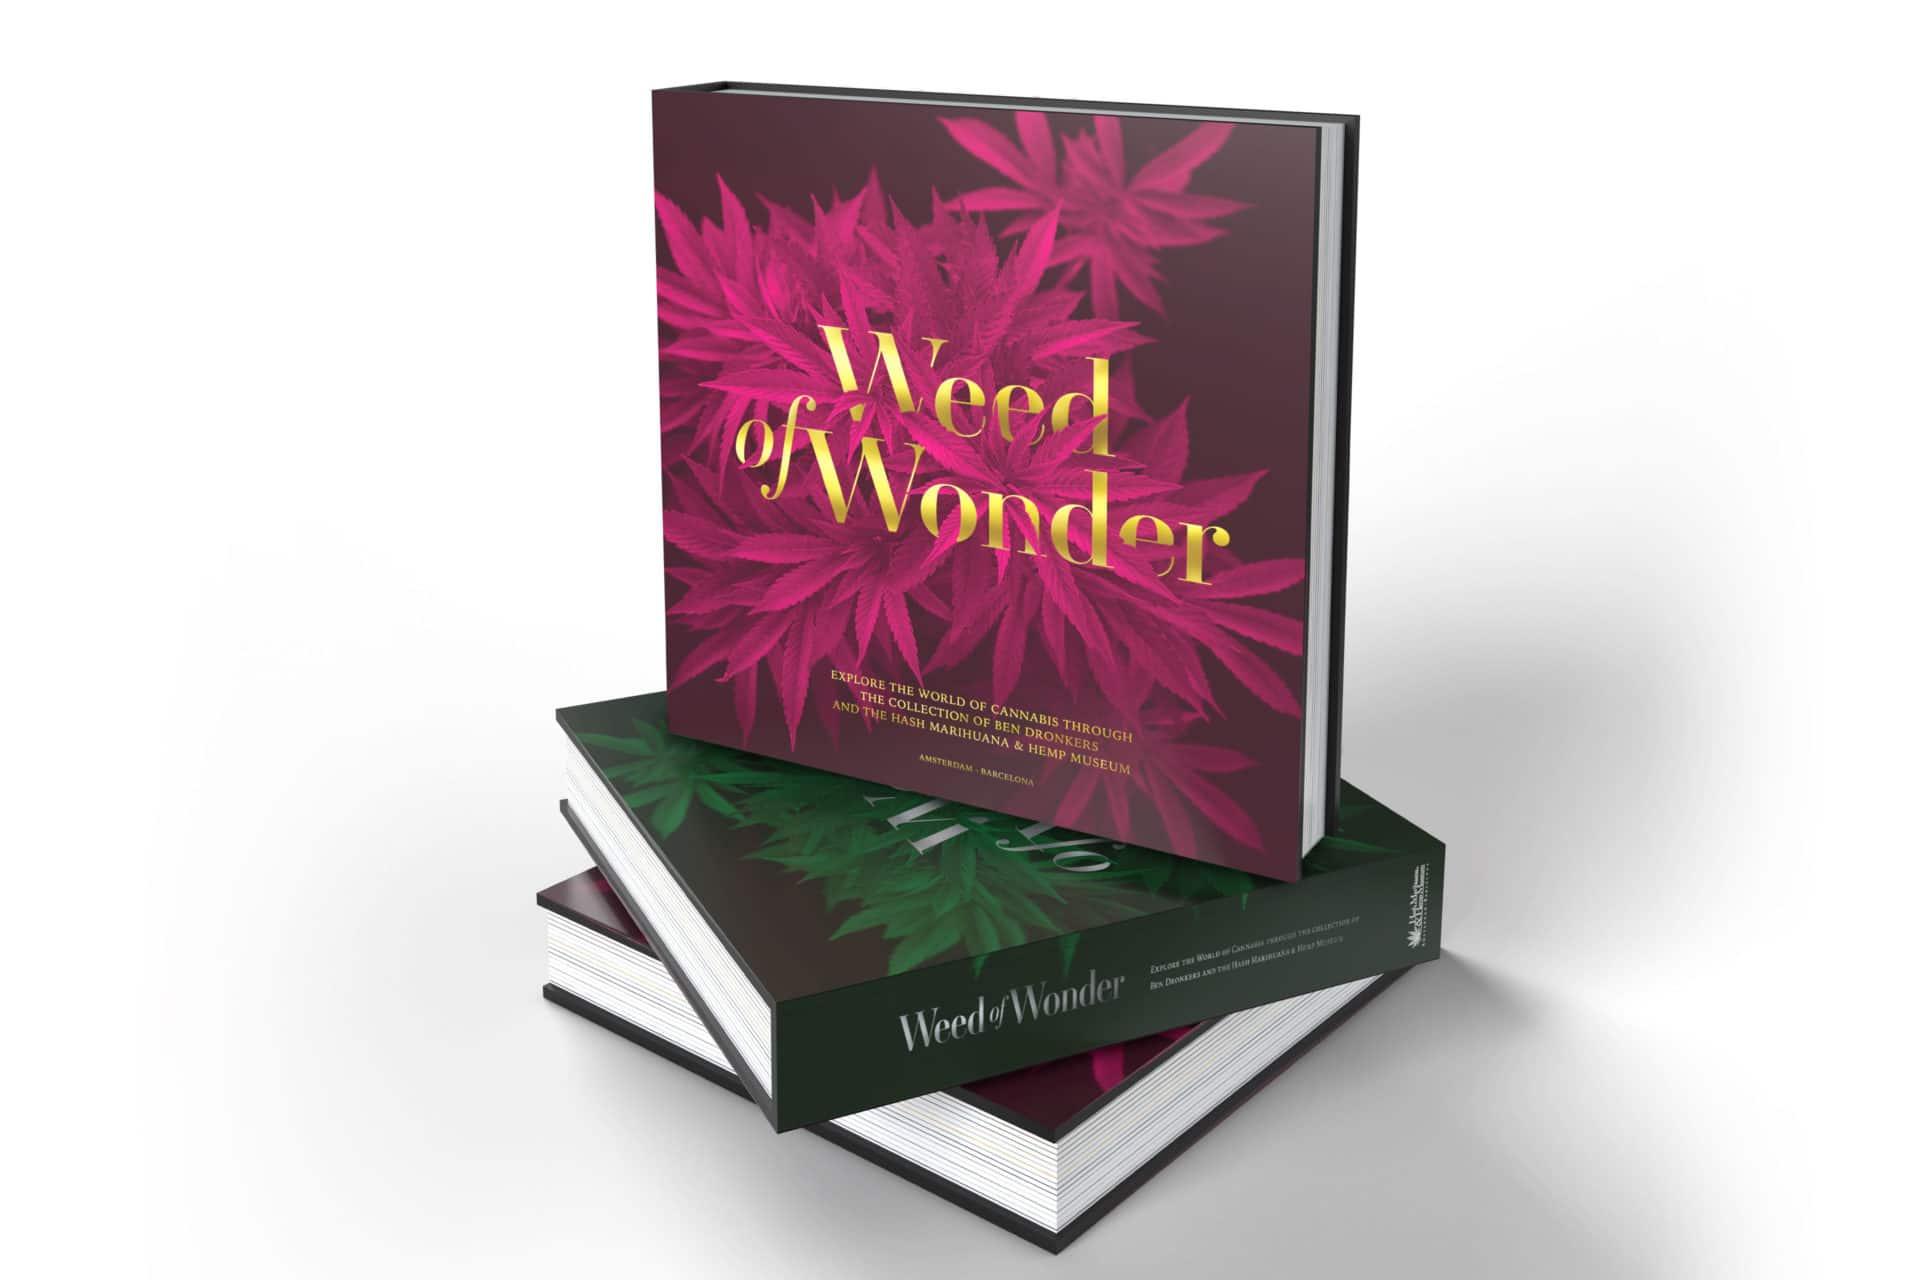 Weed of Wonder museum book